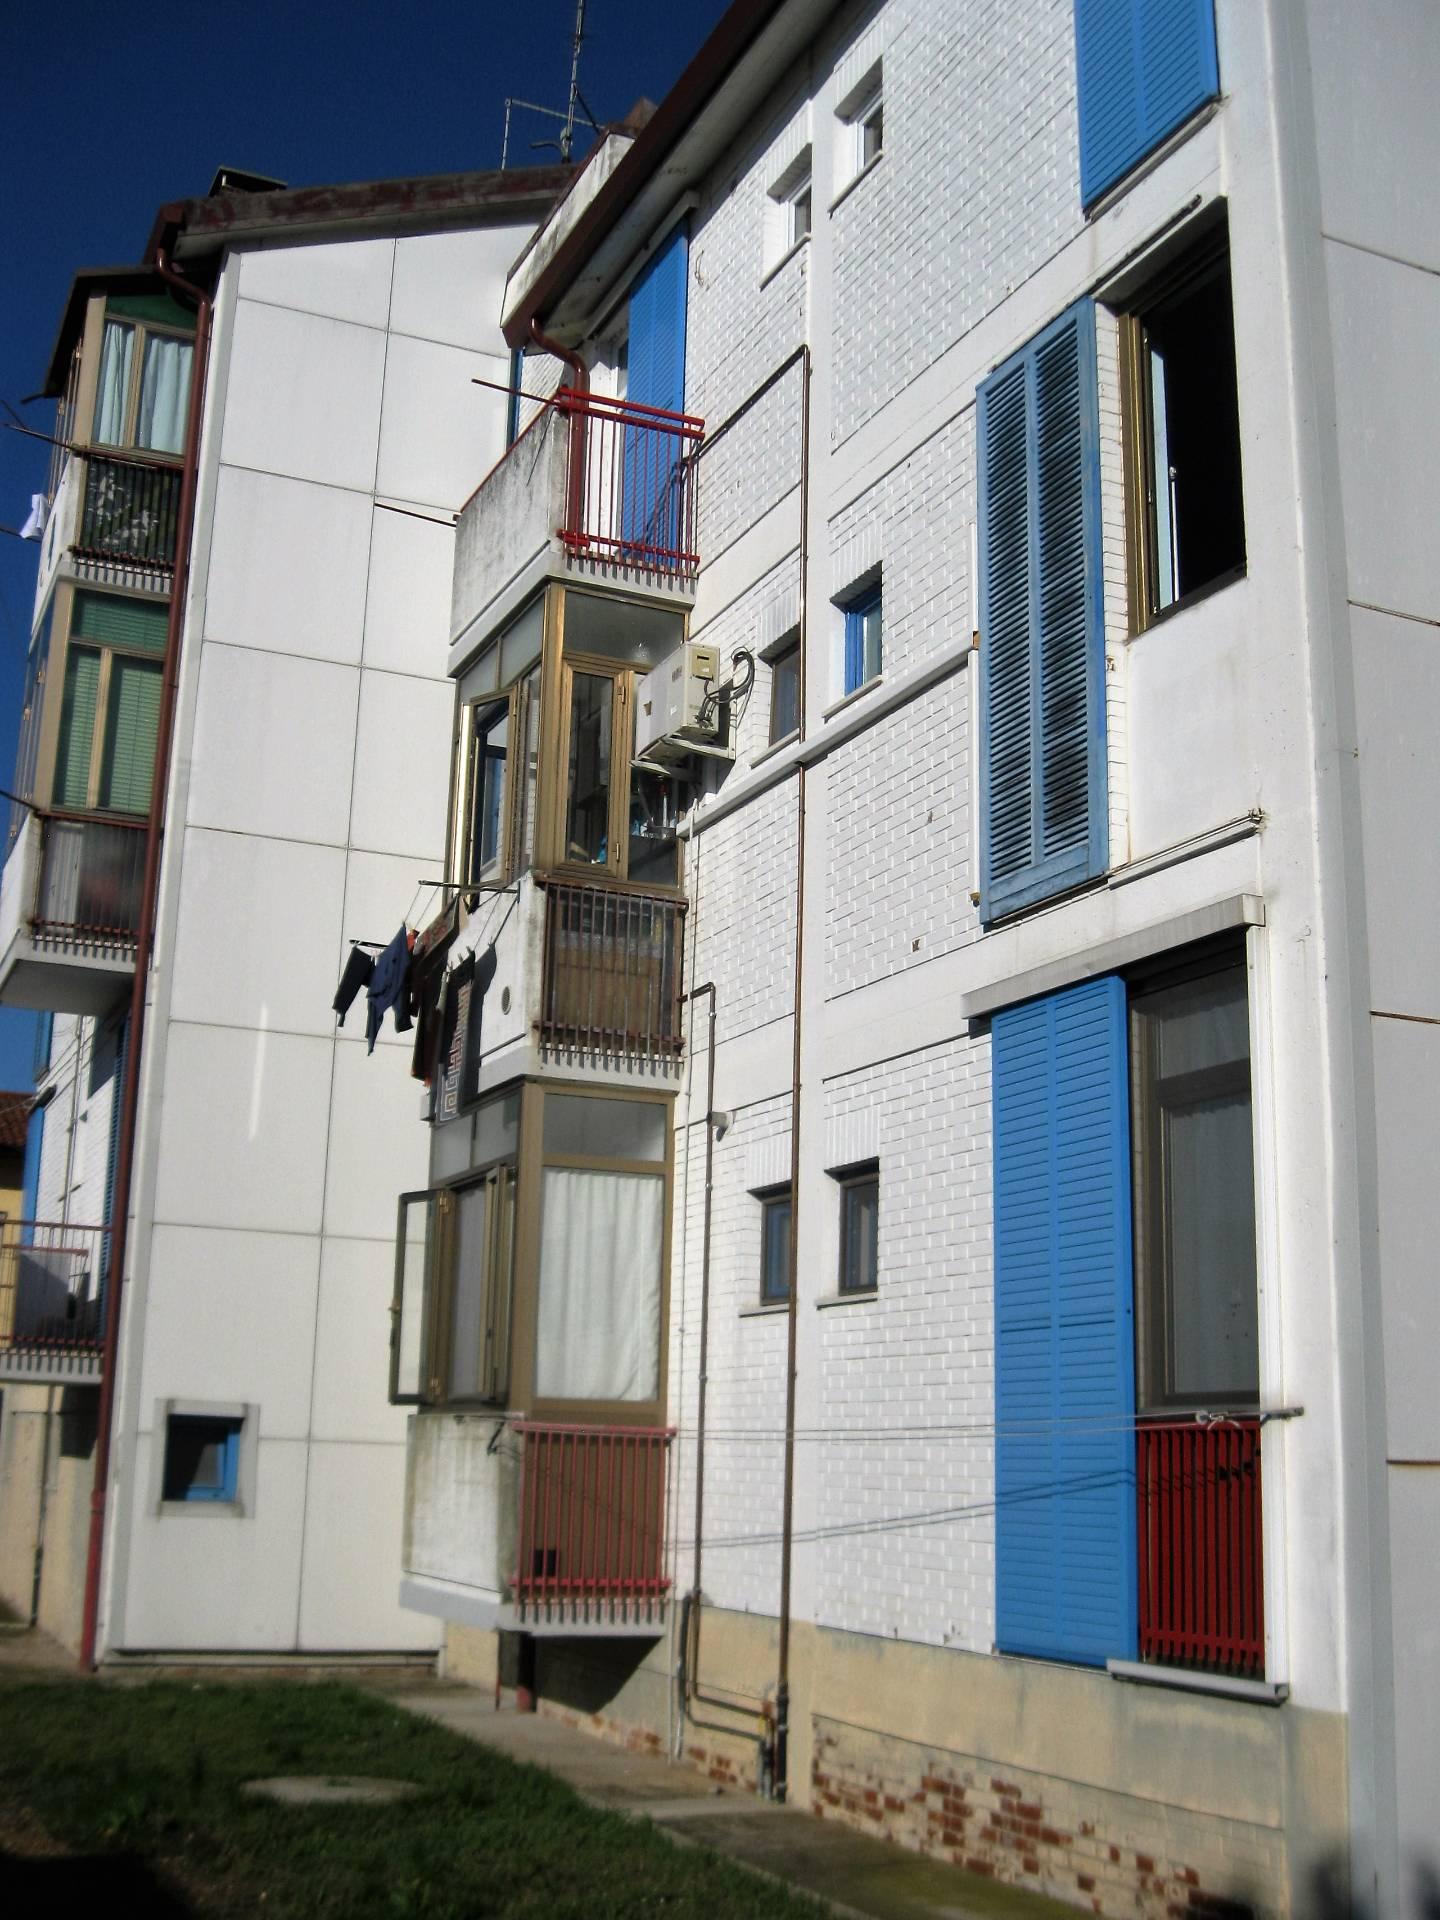 Appartamento in vendita a Marano Lagunare, 3 locali, prezzo € 75.000 | Cambio Casa.it